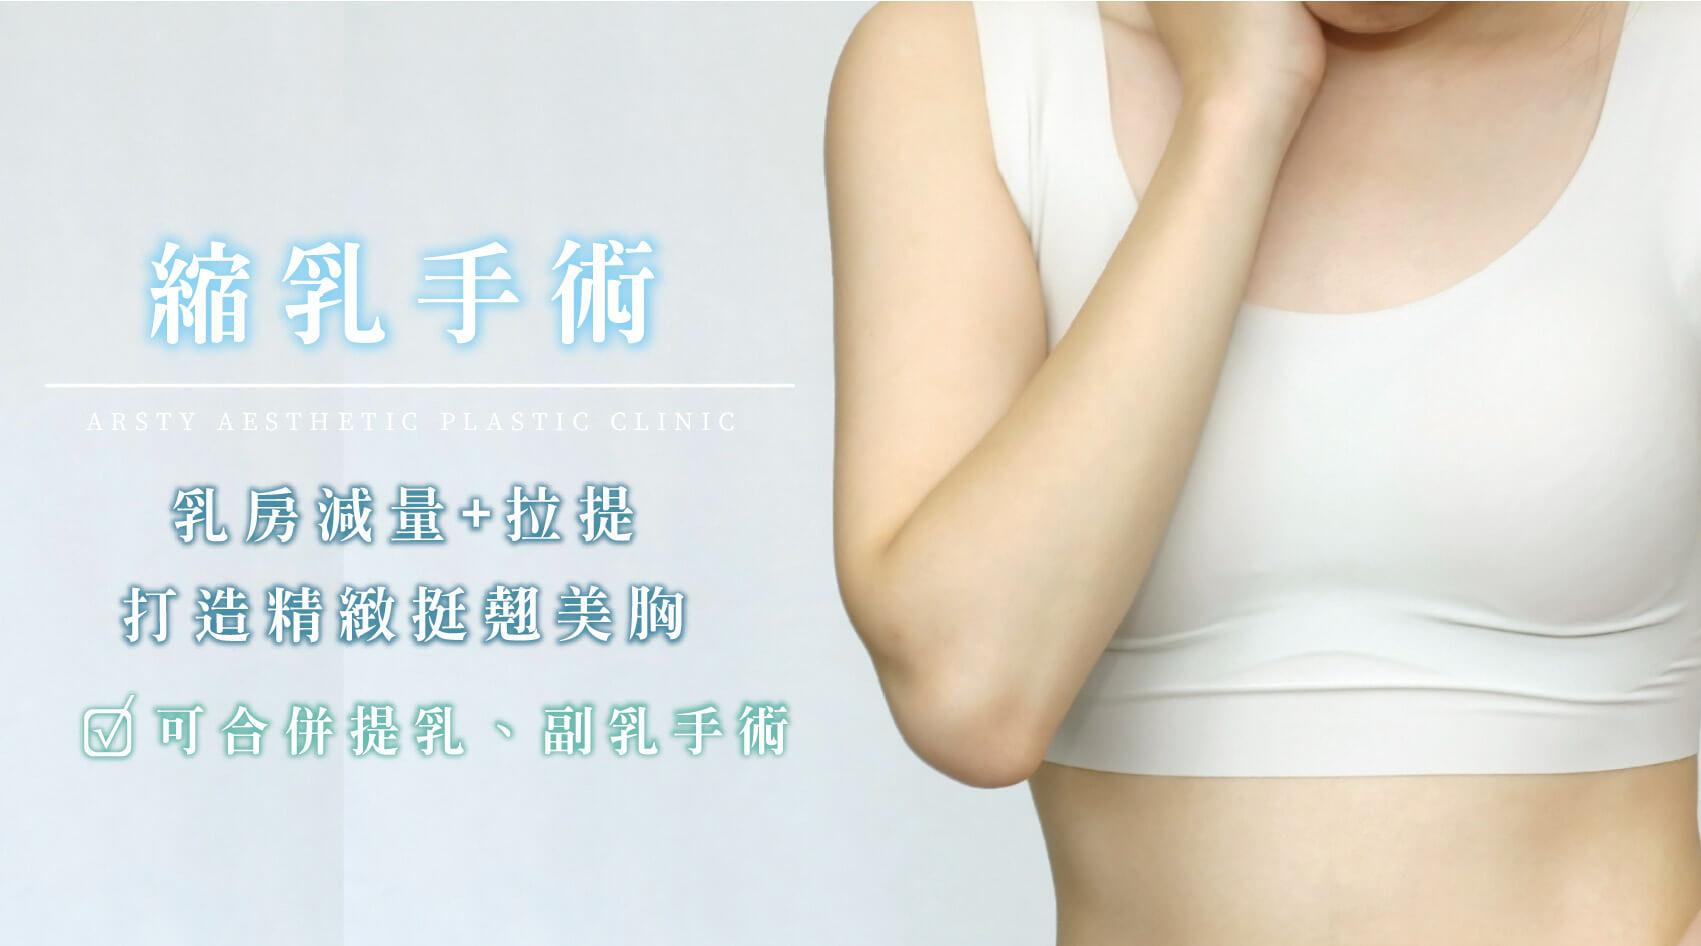 縮乳手術Banner